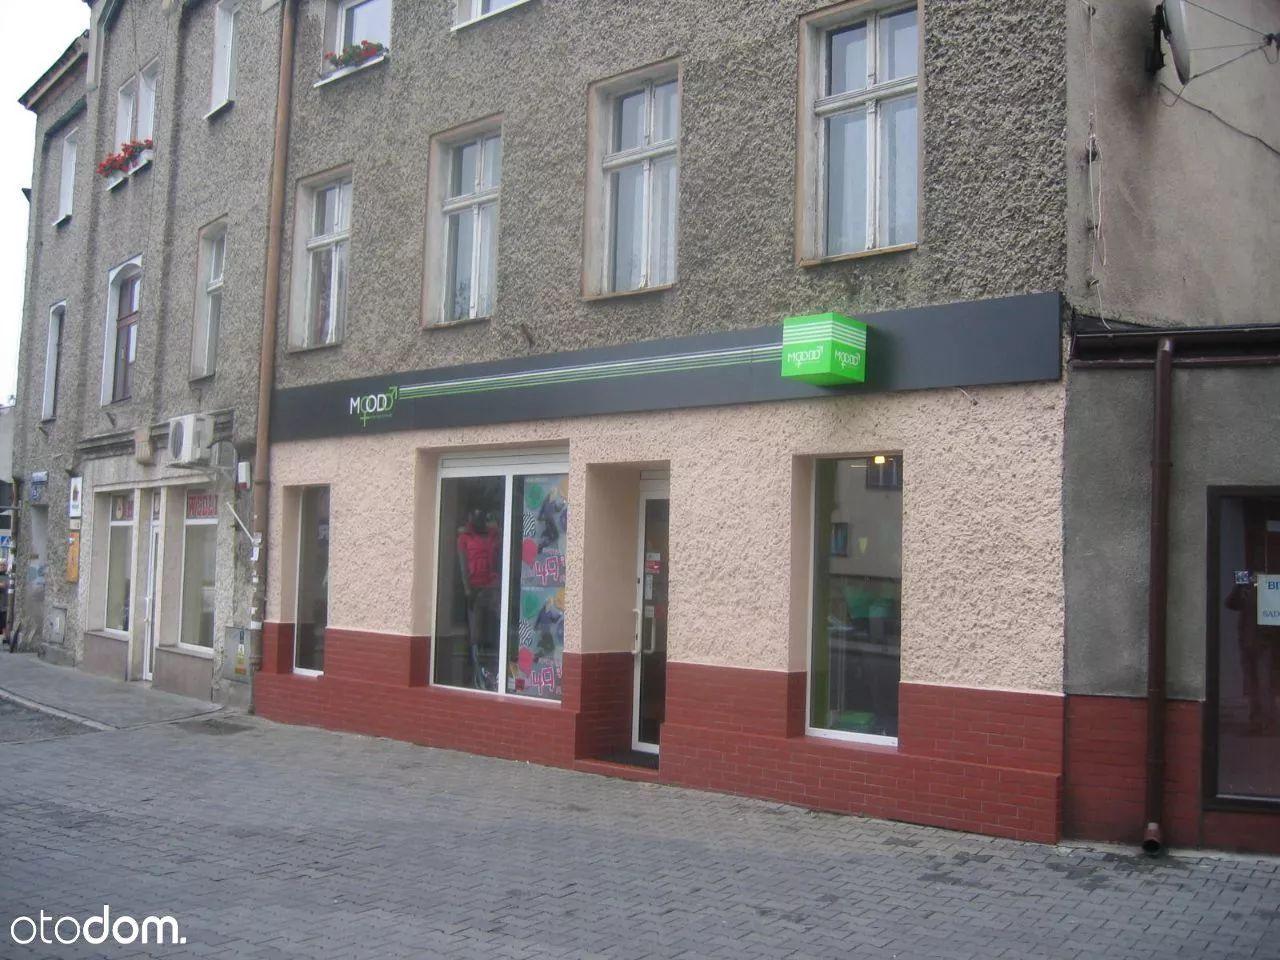 Lokal użytkowy na wynajem, Kluczbork, kluczborski, opolskie - Foto 1